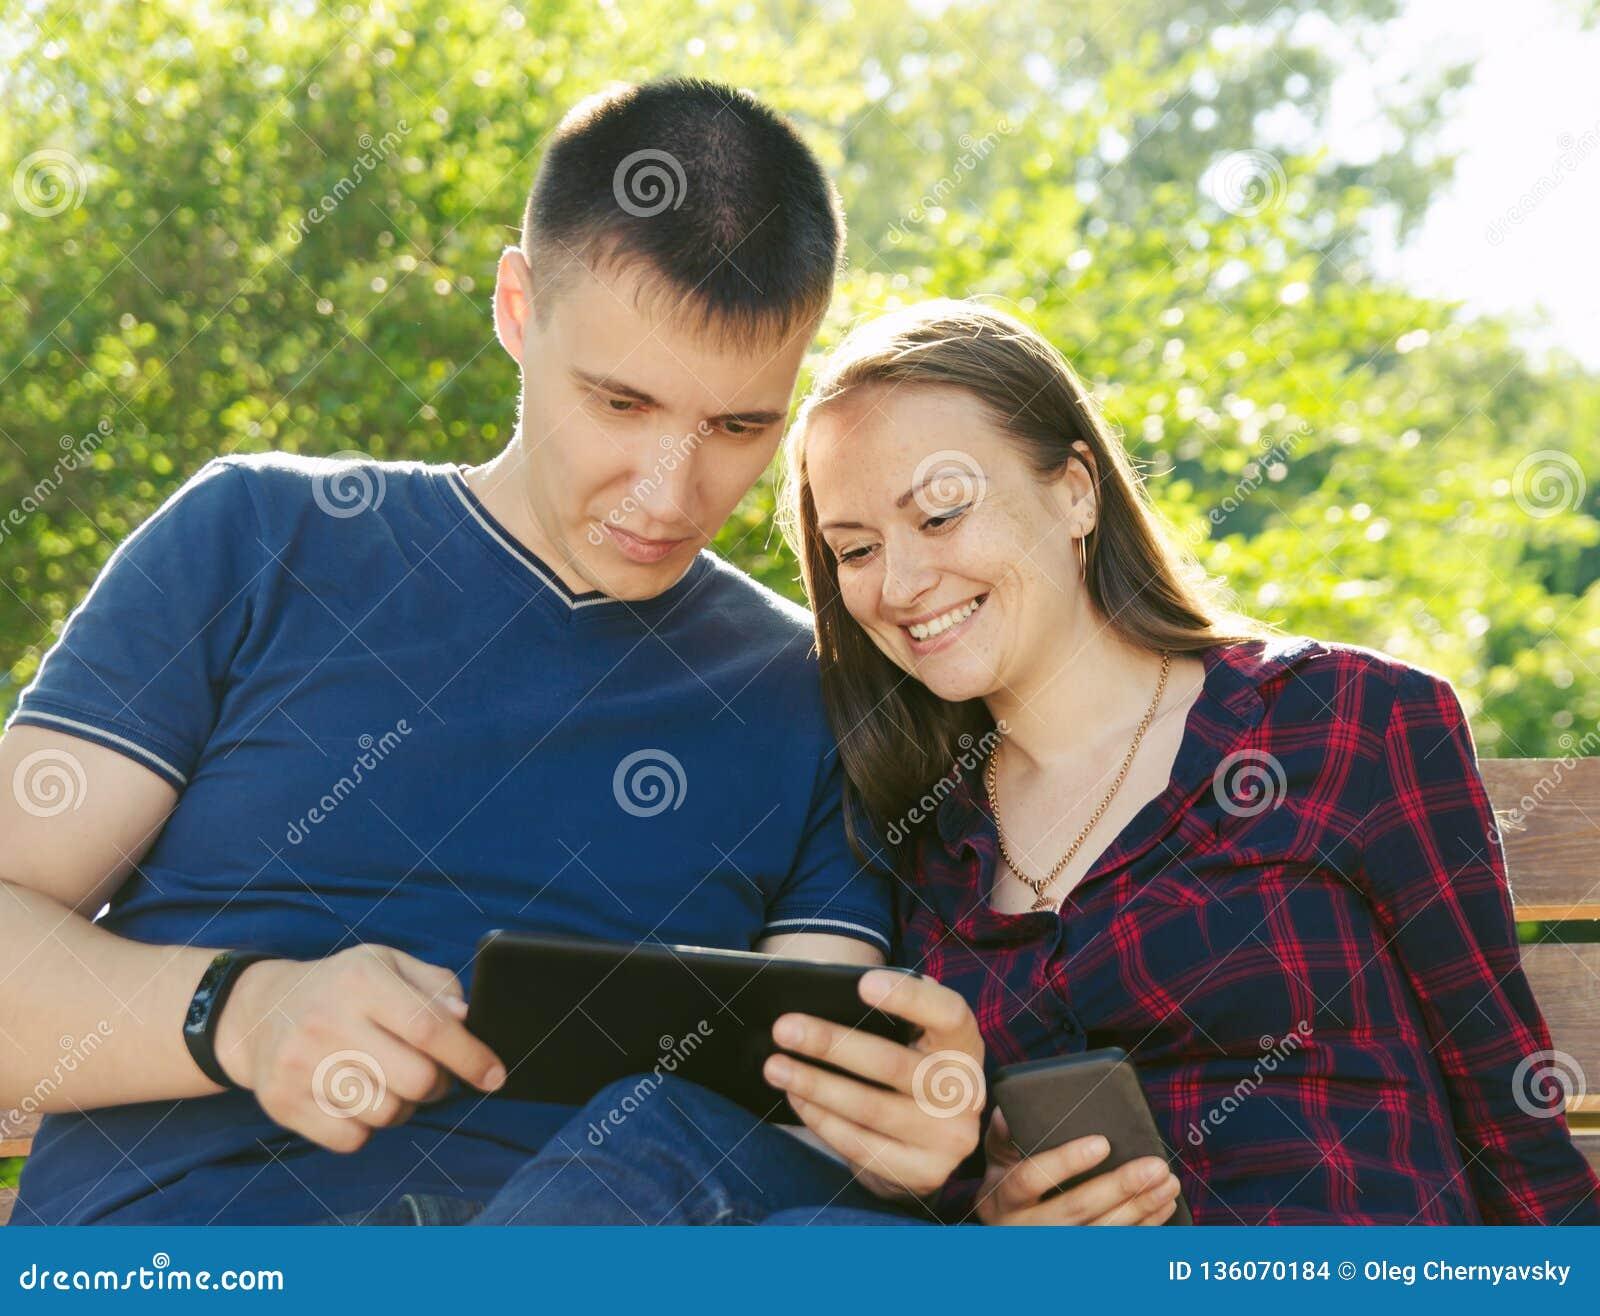 El individuo en una camiseta azul y la muchacha en camisa de tela escocesa están mirando sus fotos del viaje